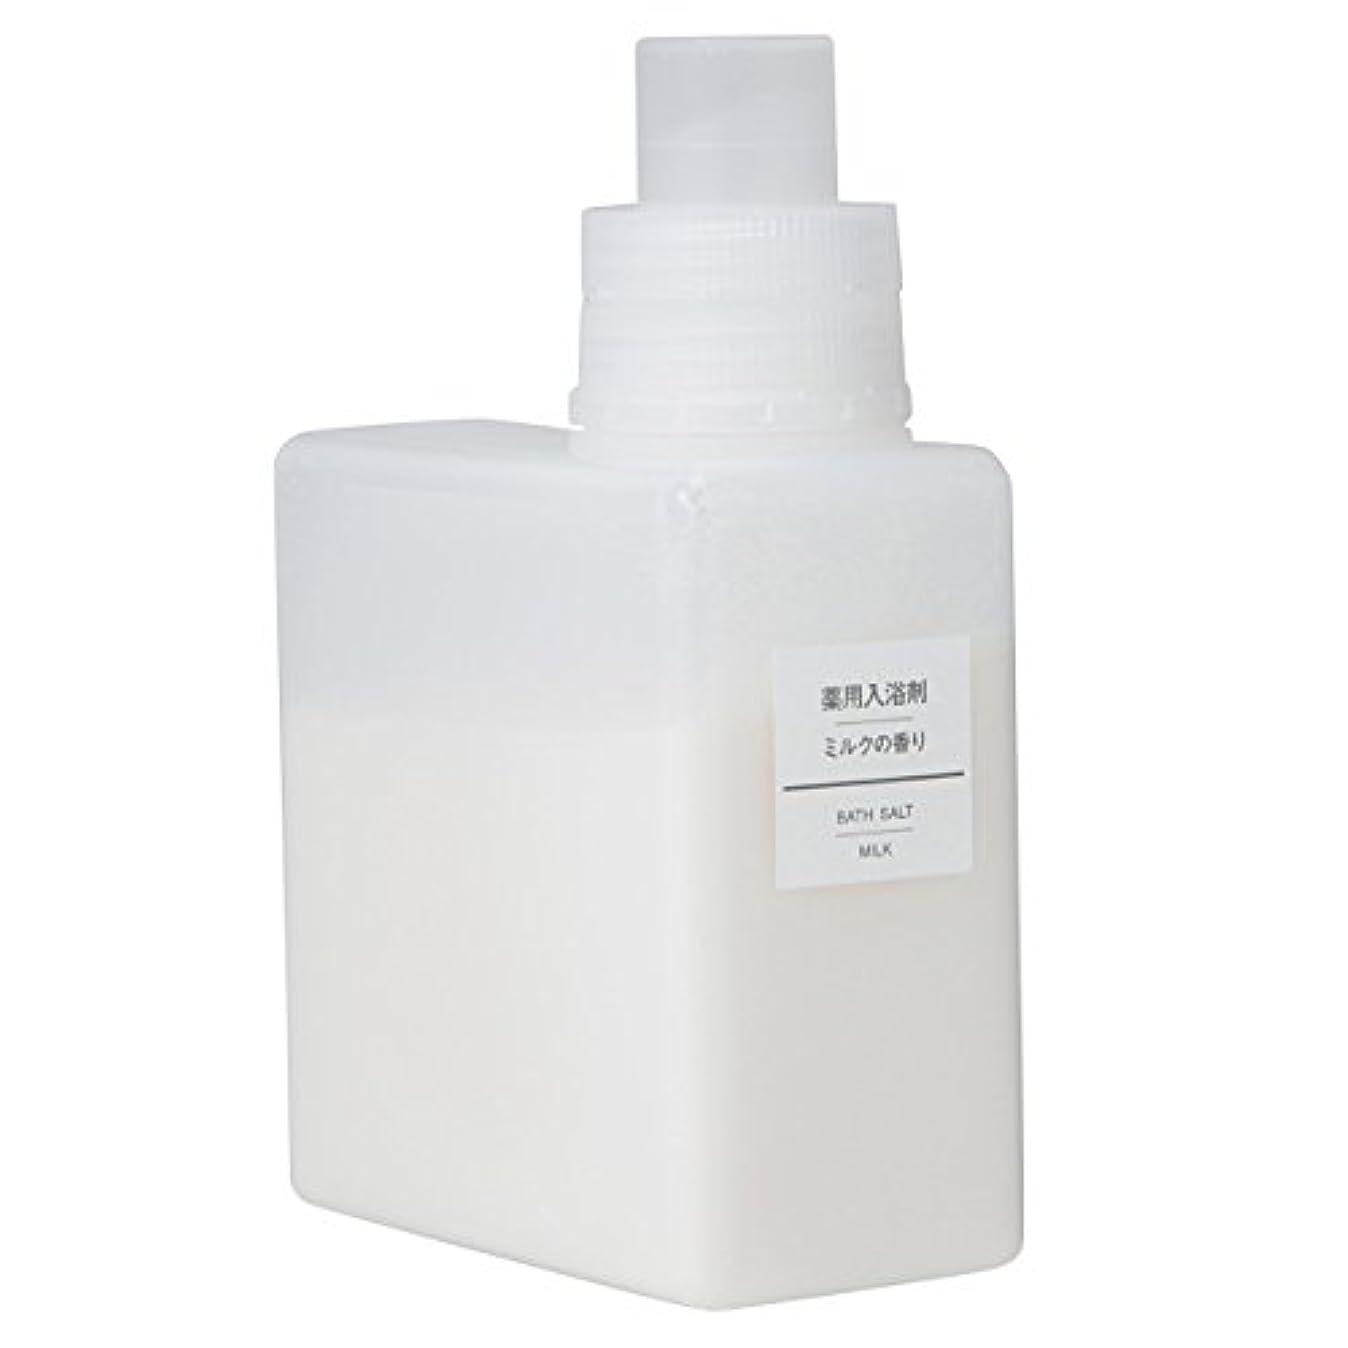 セメント私たちのラウズ無印良品 薬用入浴剤?ミルクの香り (新)500g 日本製